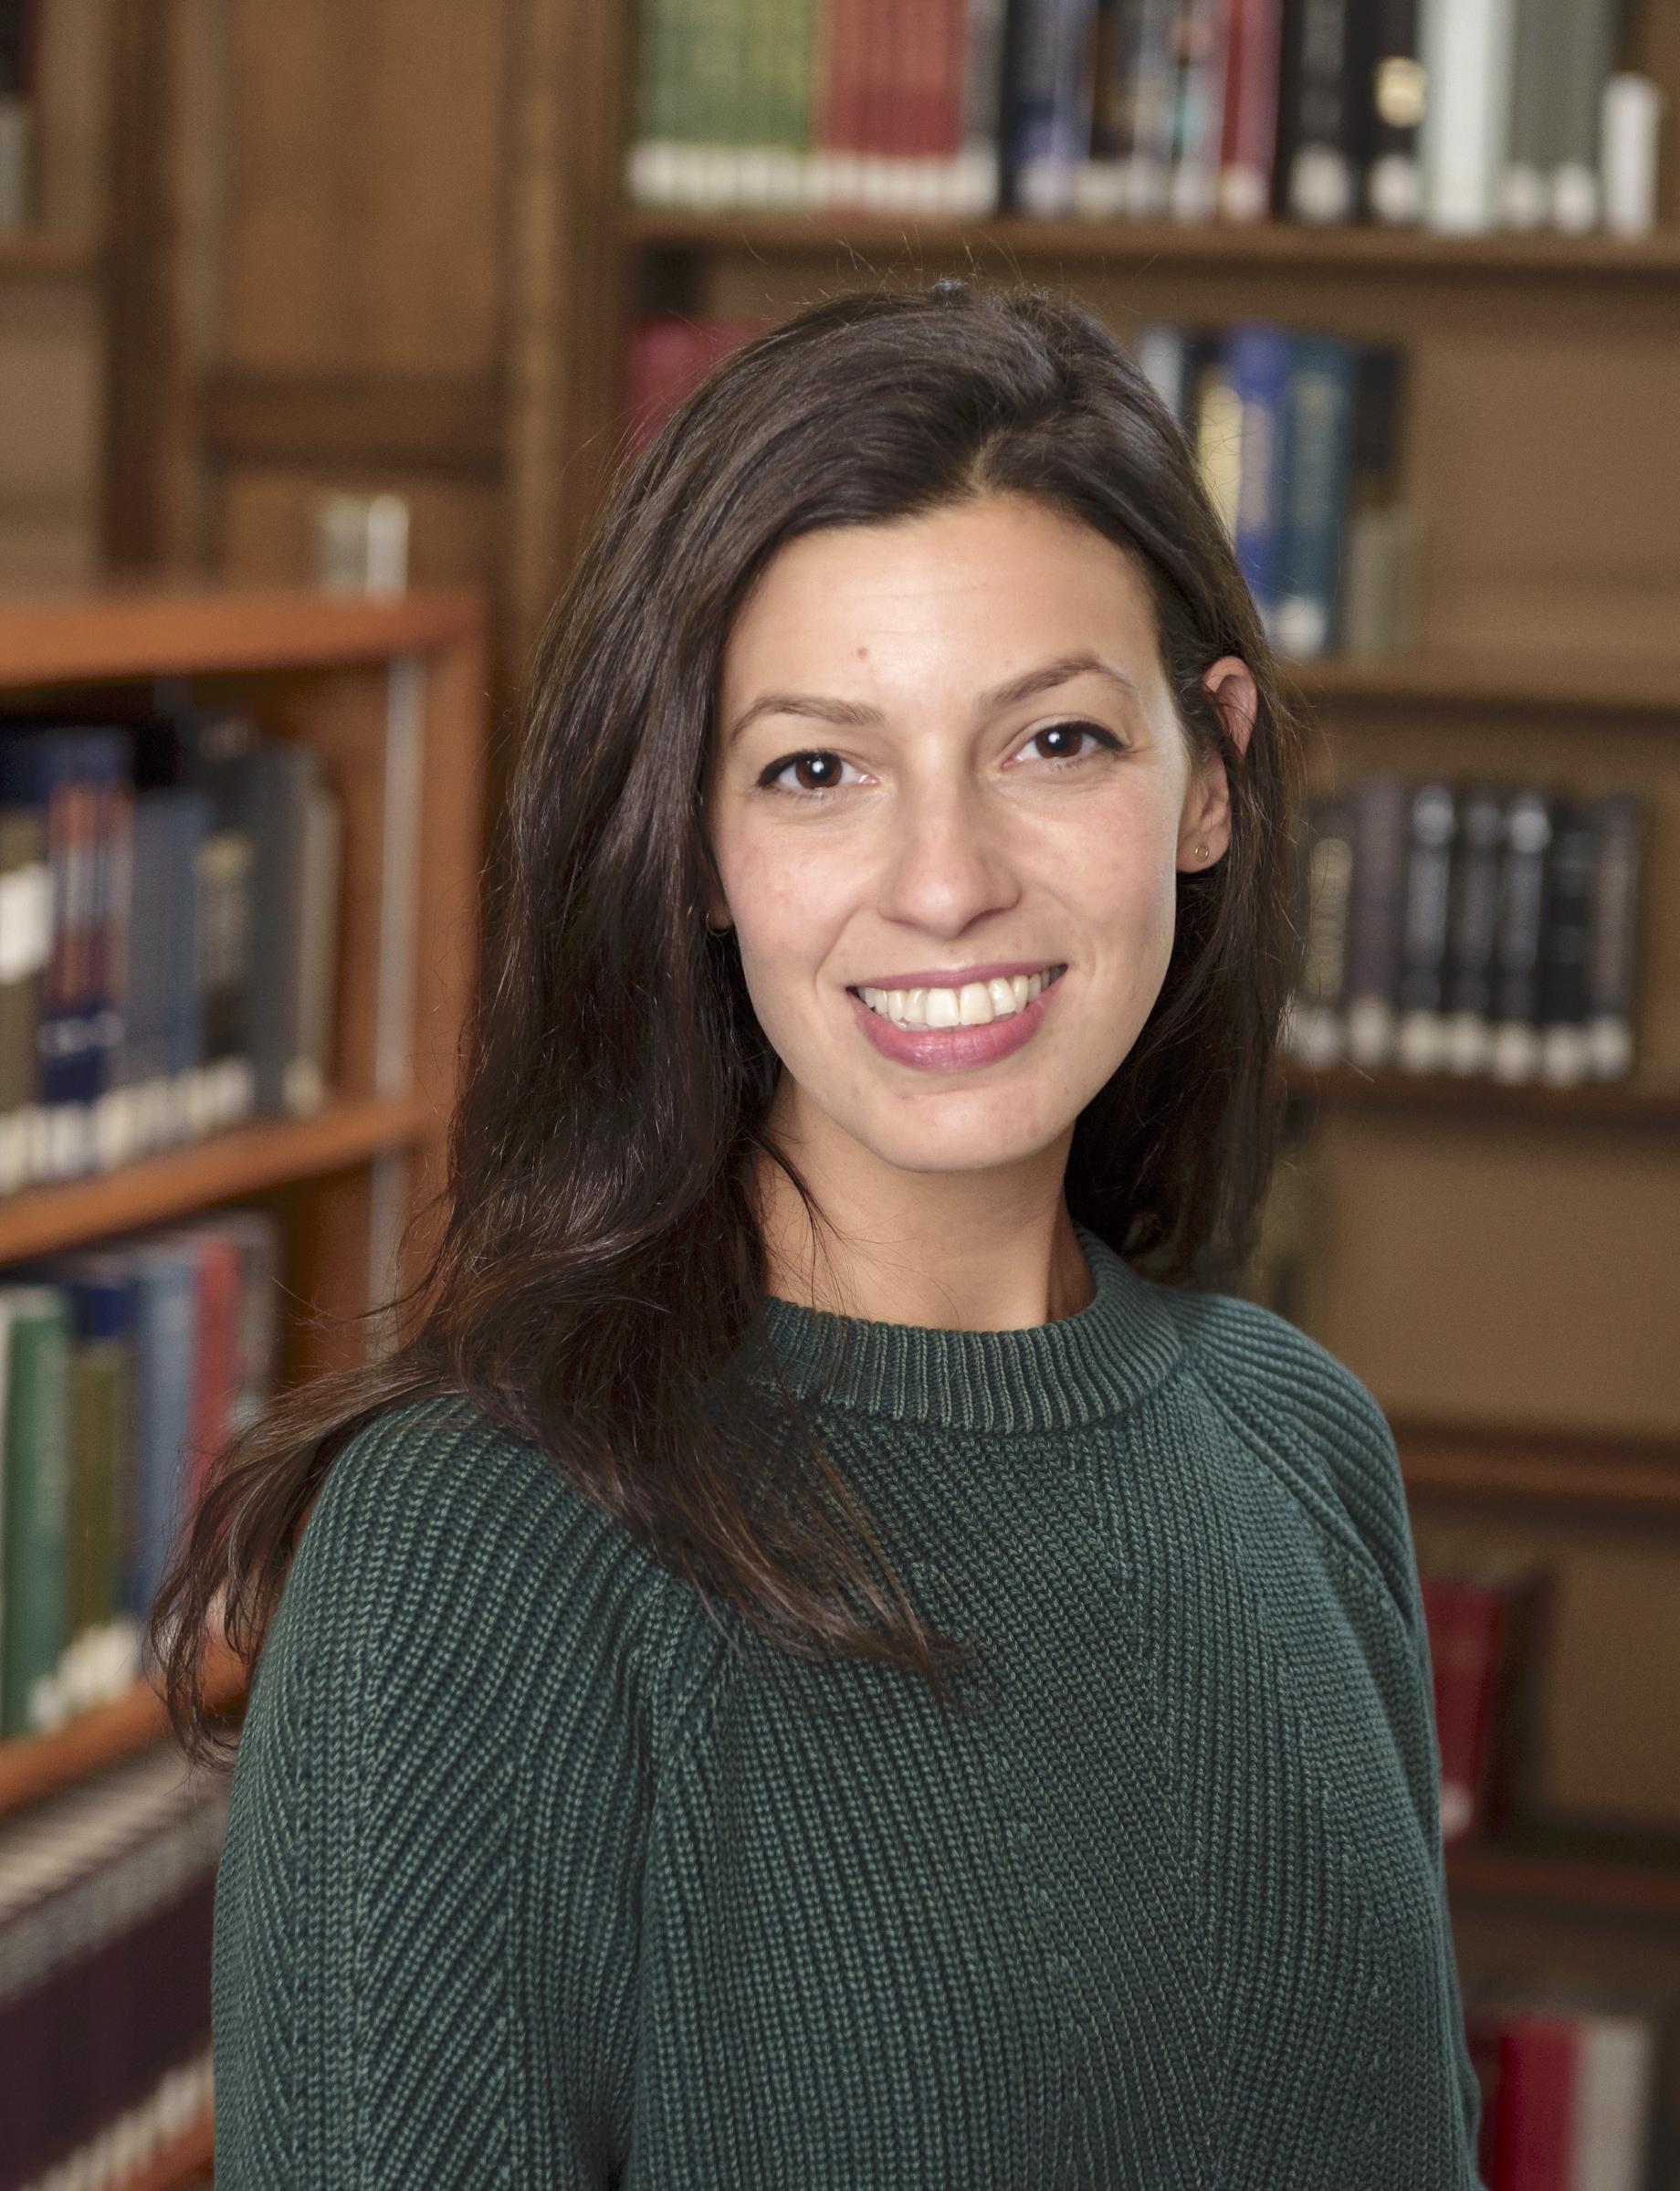 Picture of Joanna Fiduccia